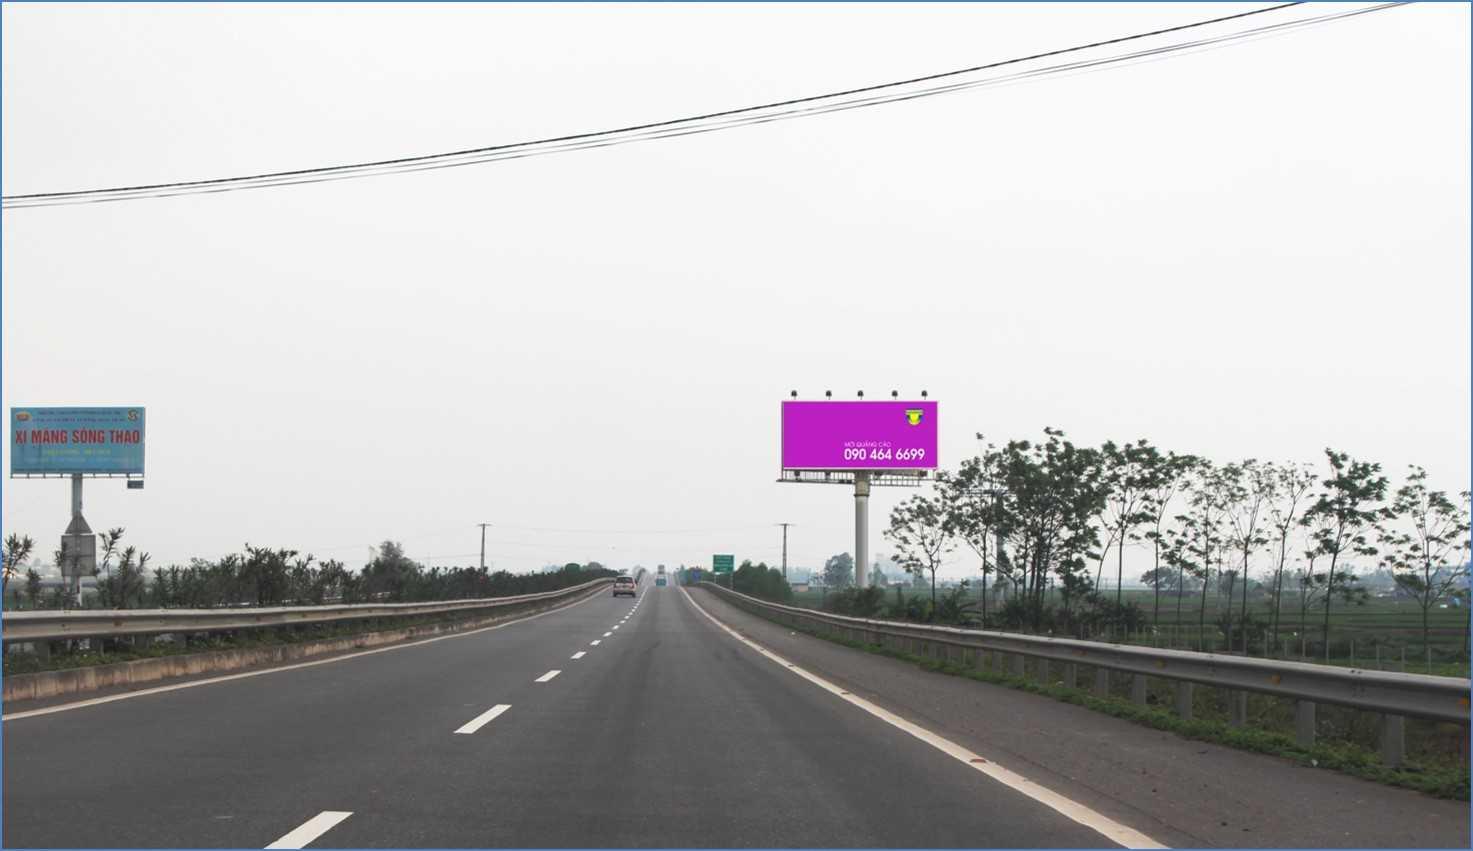 Quảng cáo HNLC 03 , Km16 +550 Cao tốc Hà Nội – Lào Cai